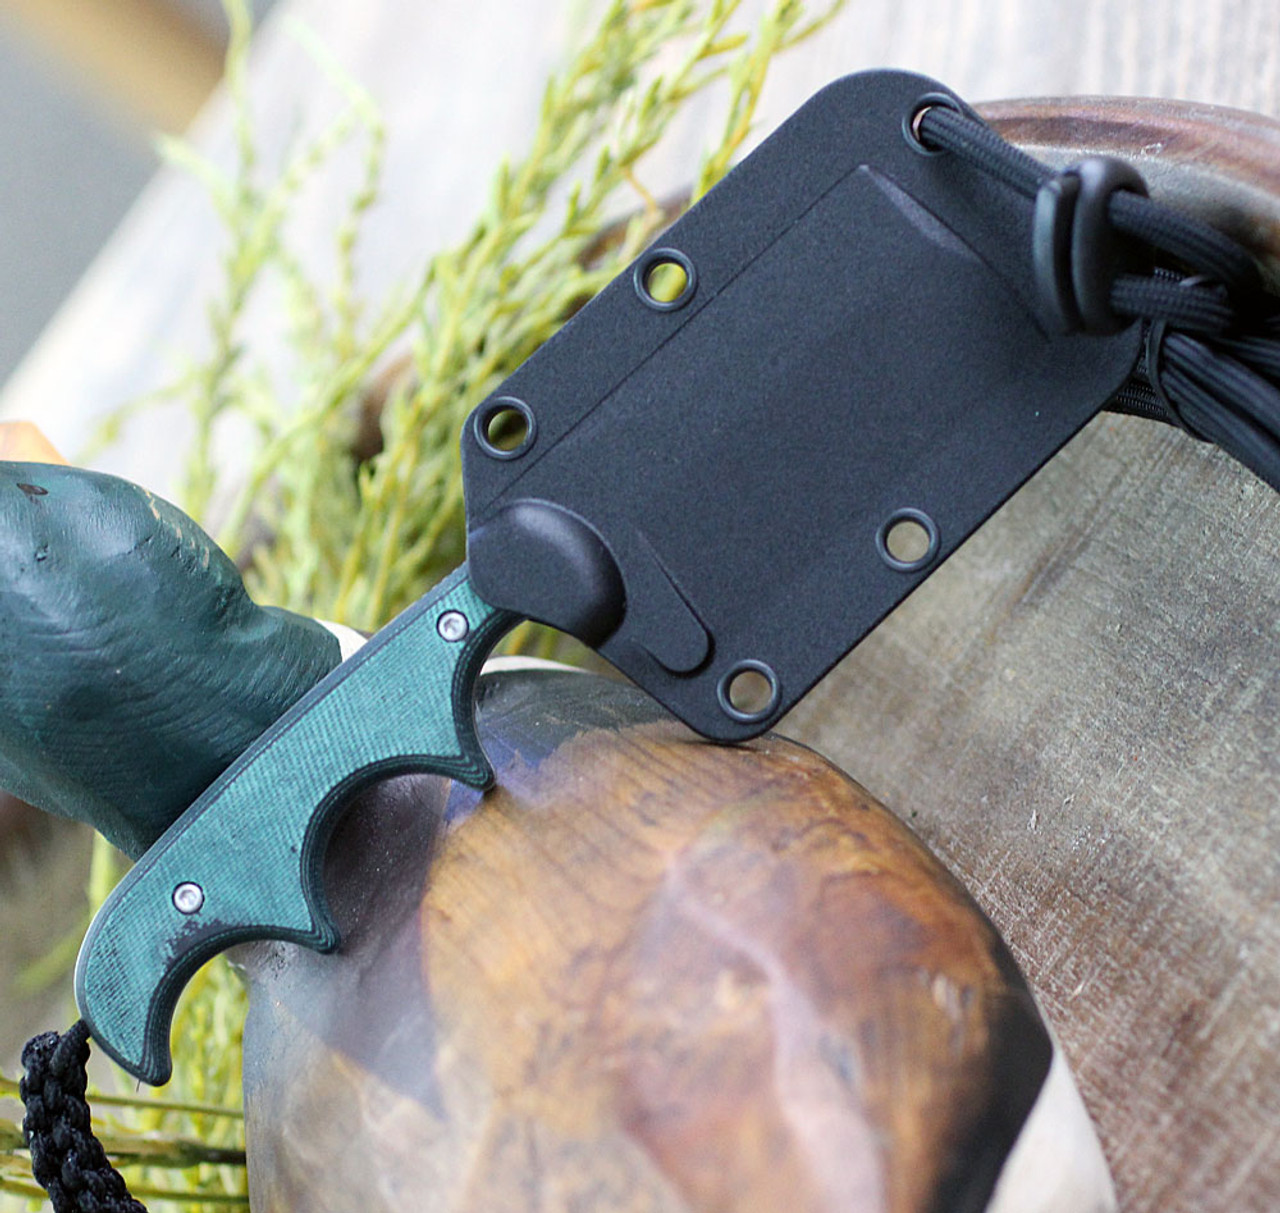 """CRKT Minimalist Cleaver, 2.131"""" 5Cr15MoV Bead Blast Blade, Polised Rasin Infused Fiber Handle"""